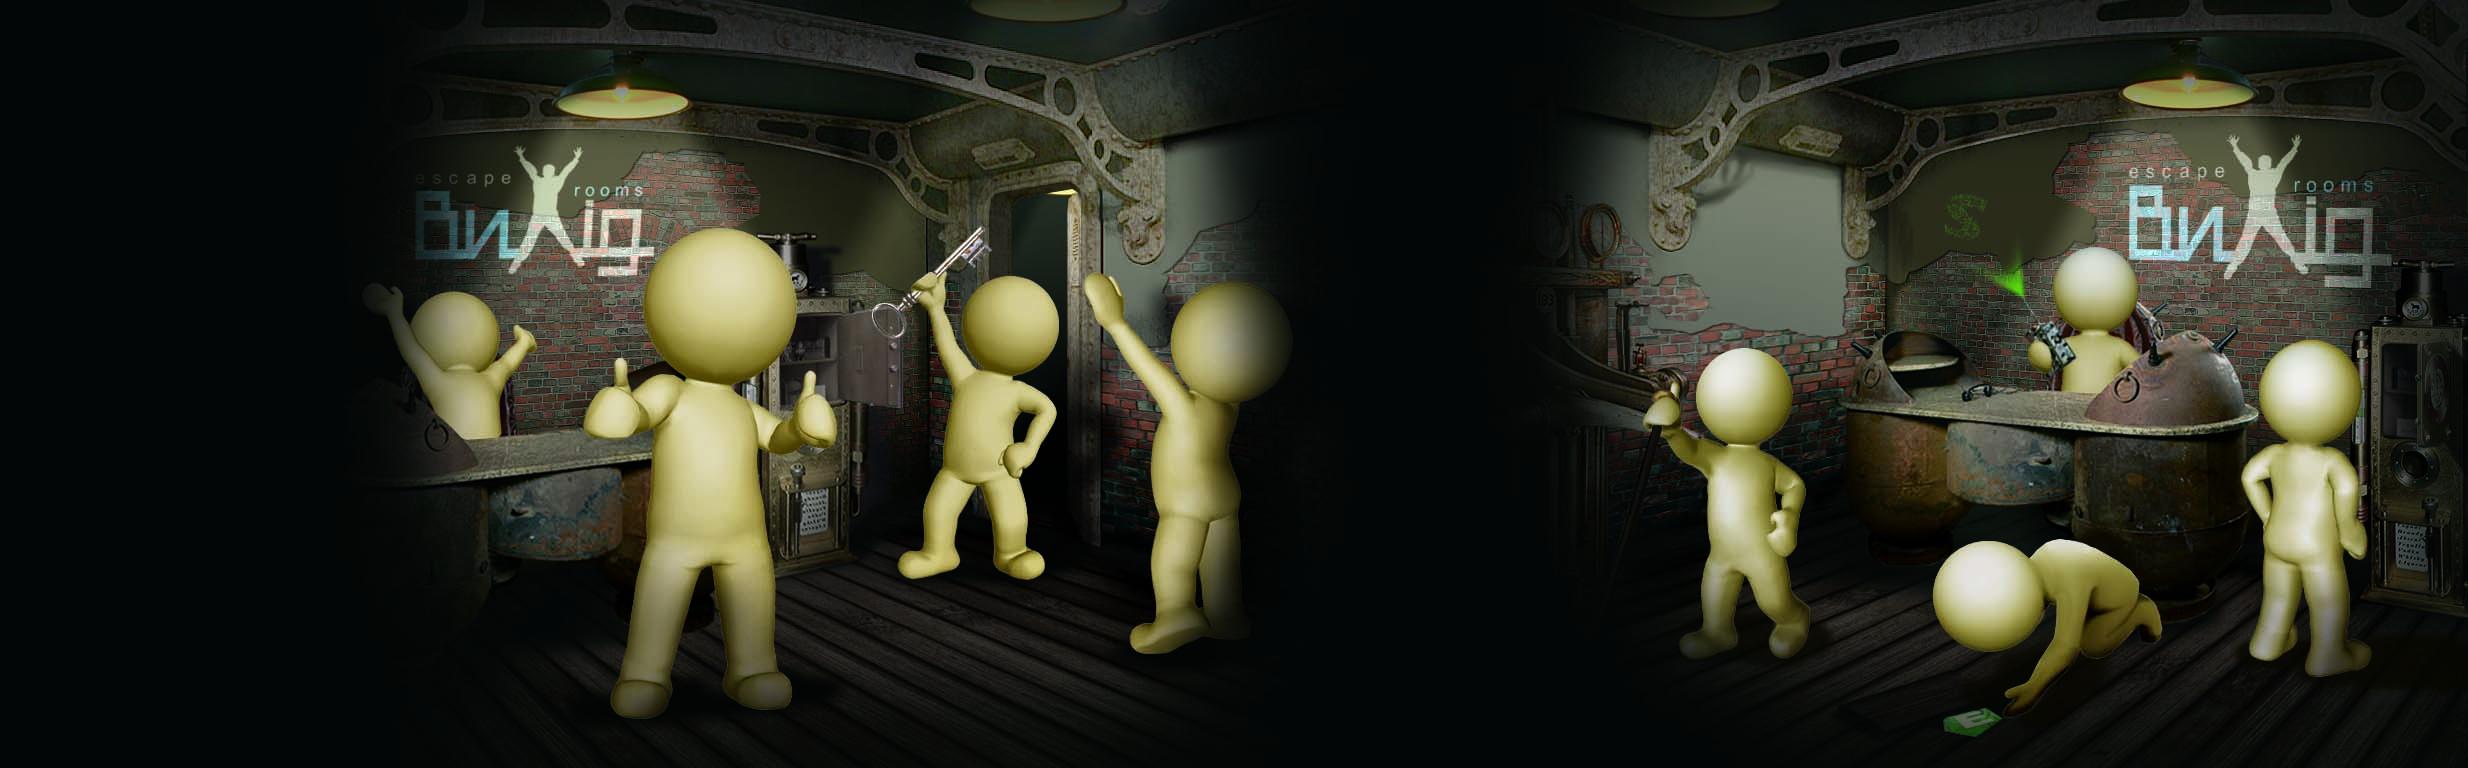 Мережа квест-кімнат «Вихід»